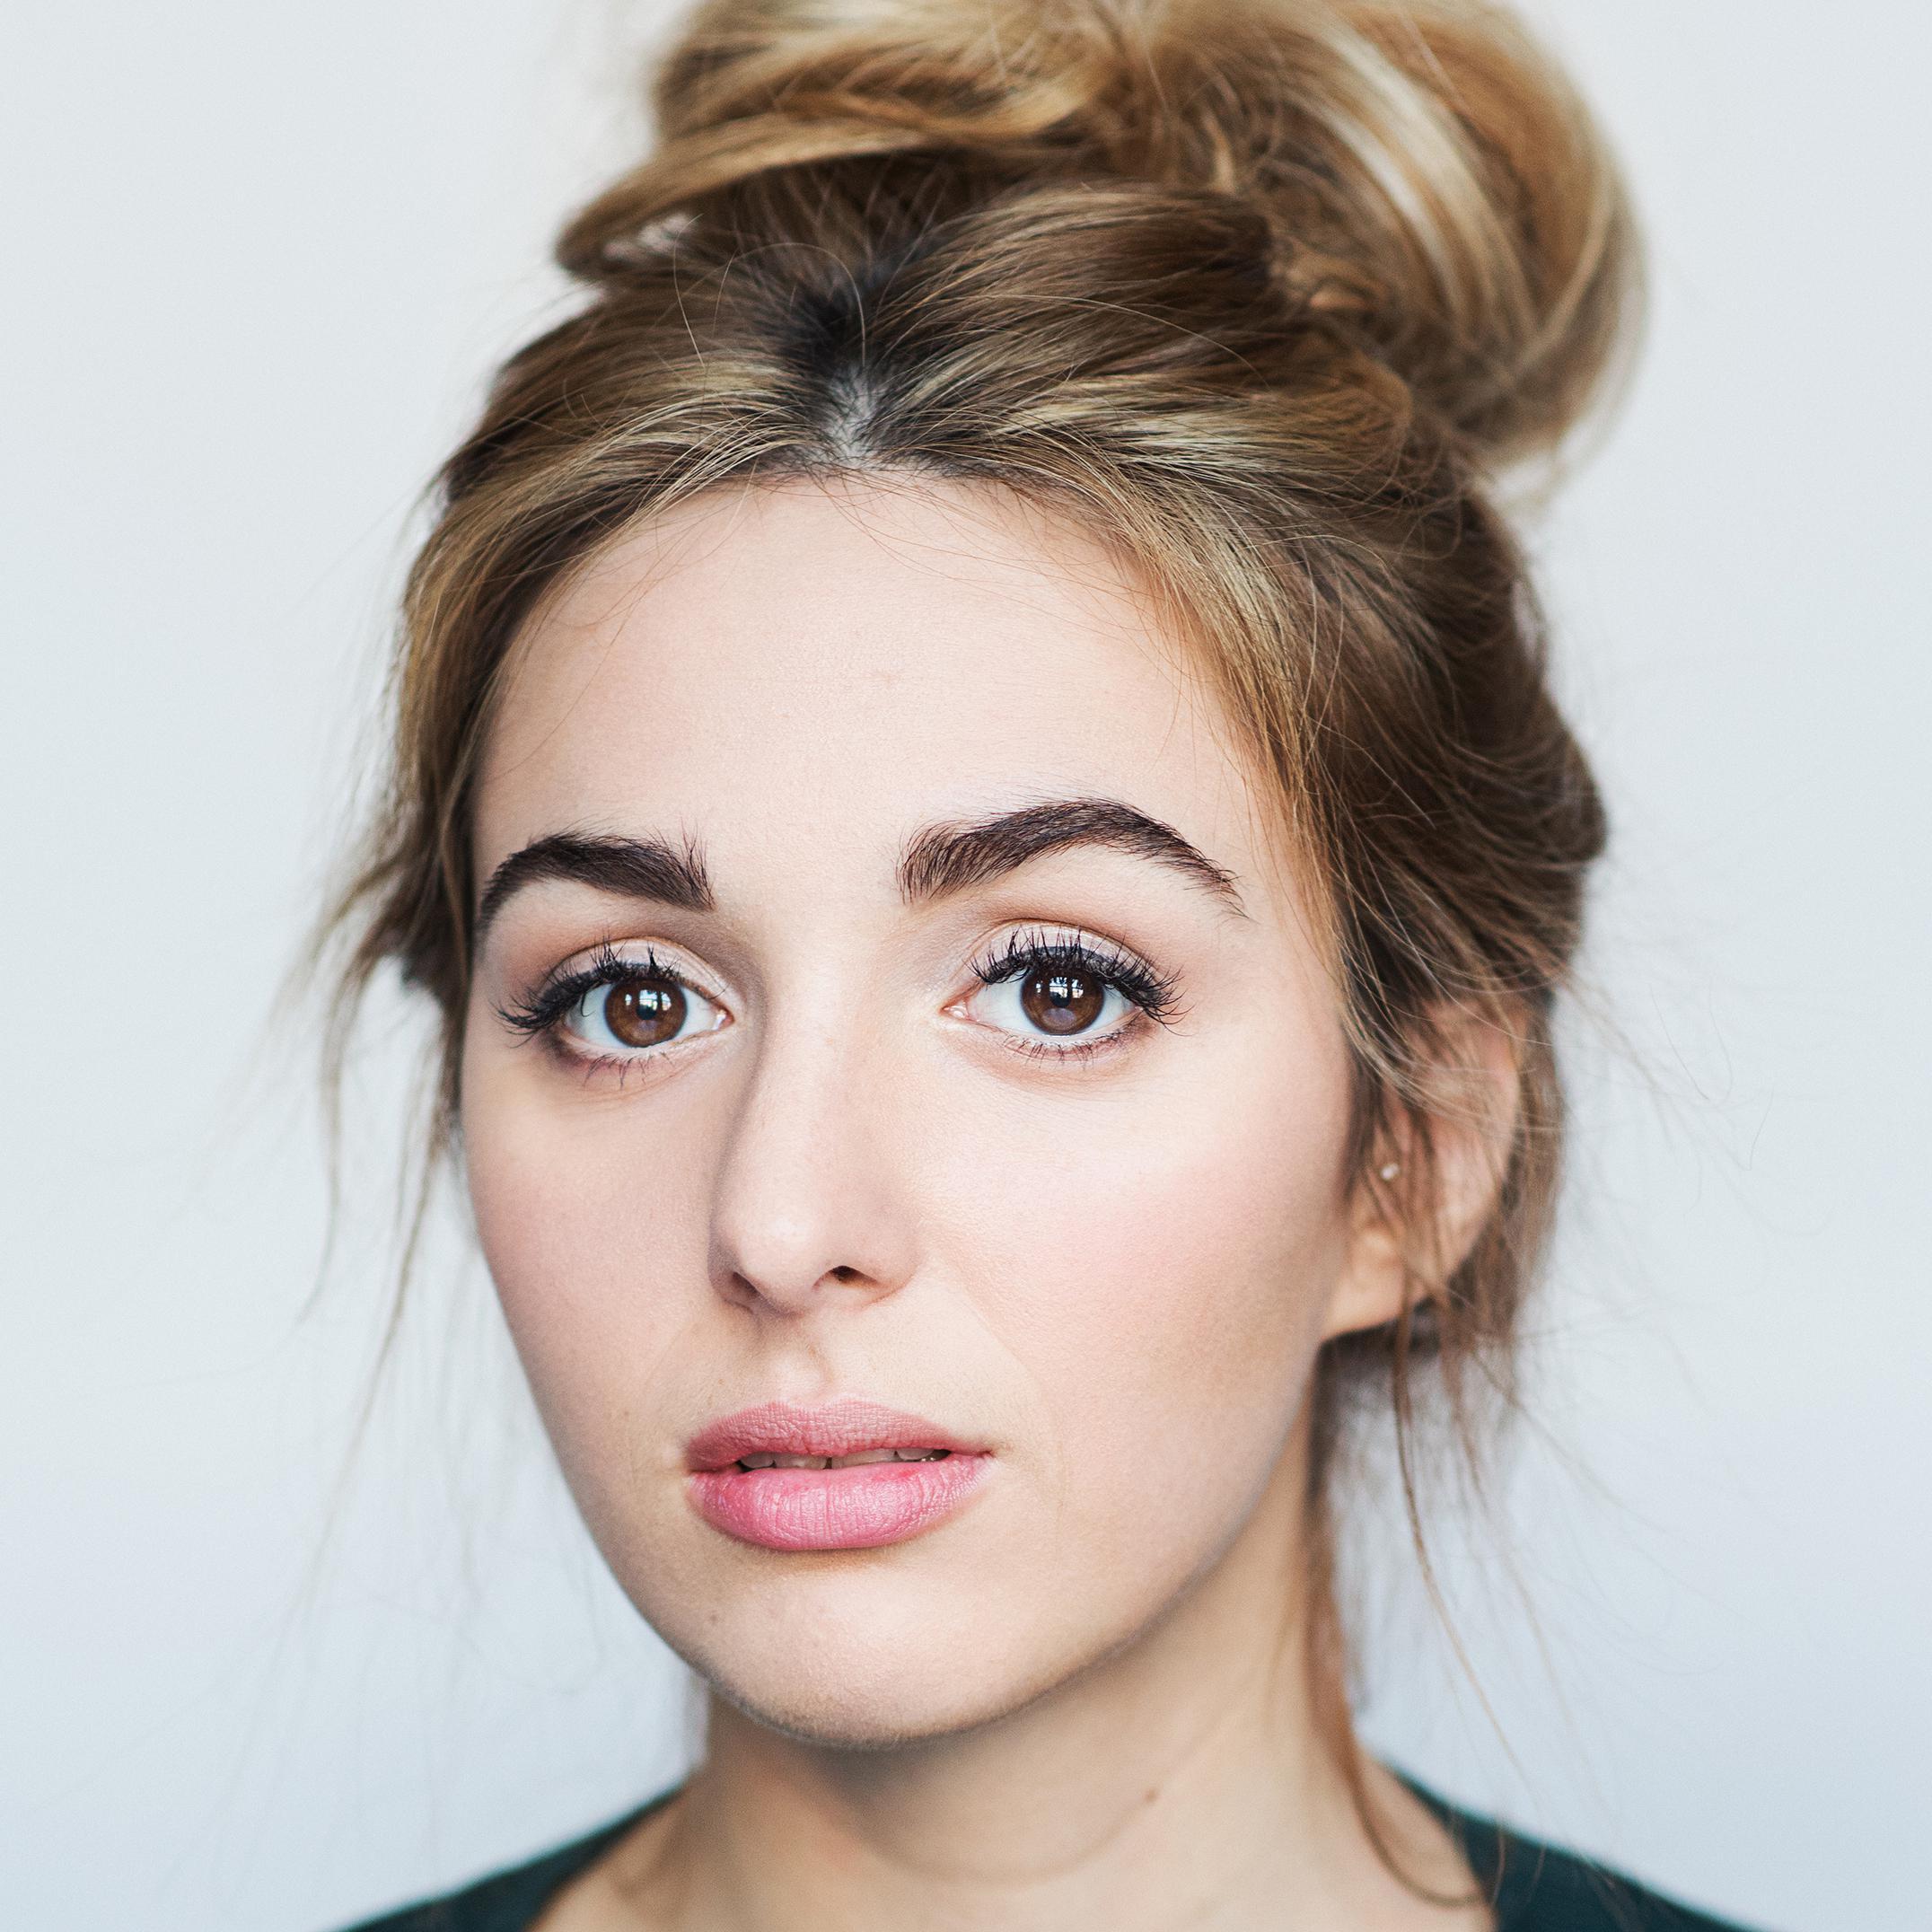 Sarah Mottet